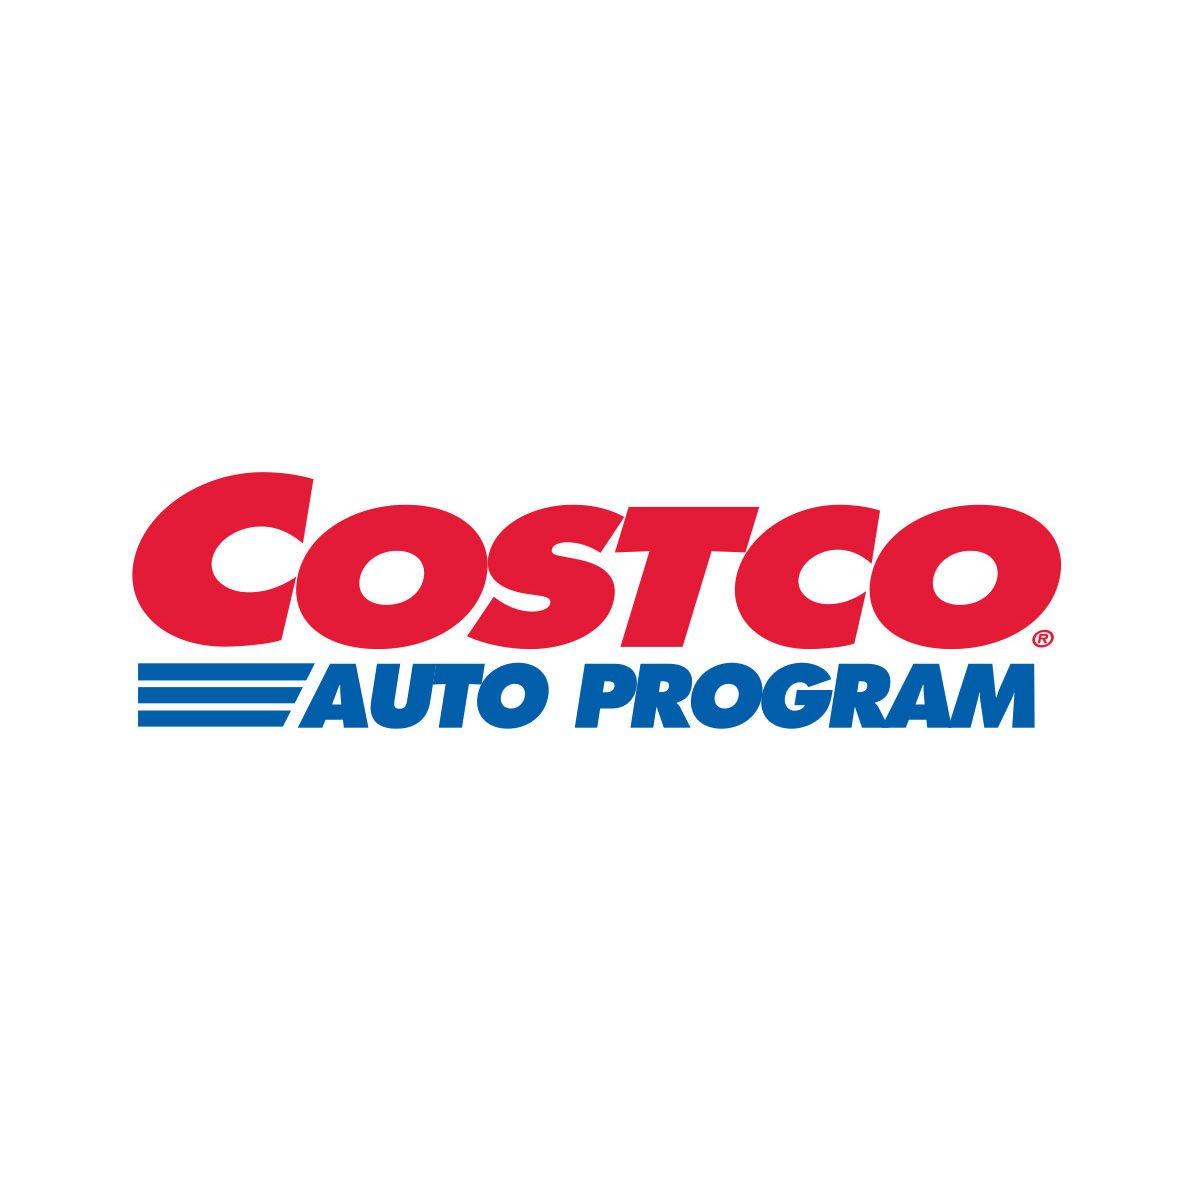 Costco Auto Program >> Costco Auto Program On Twitter Suv Vs Crossover Costco